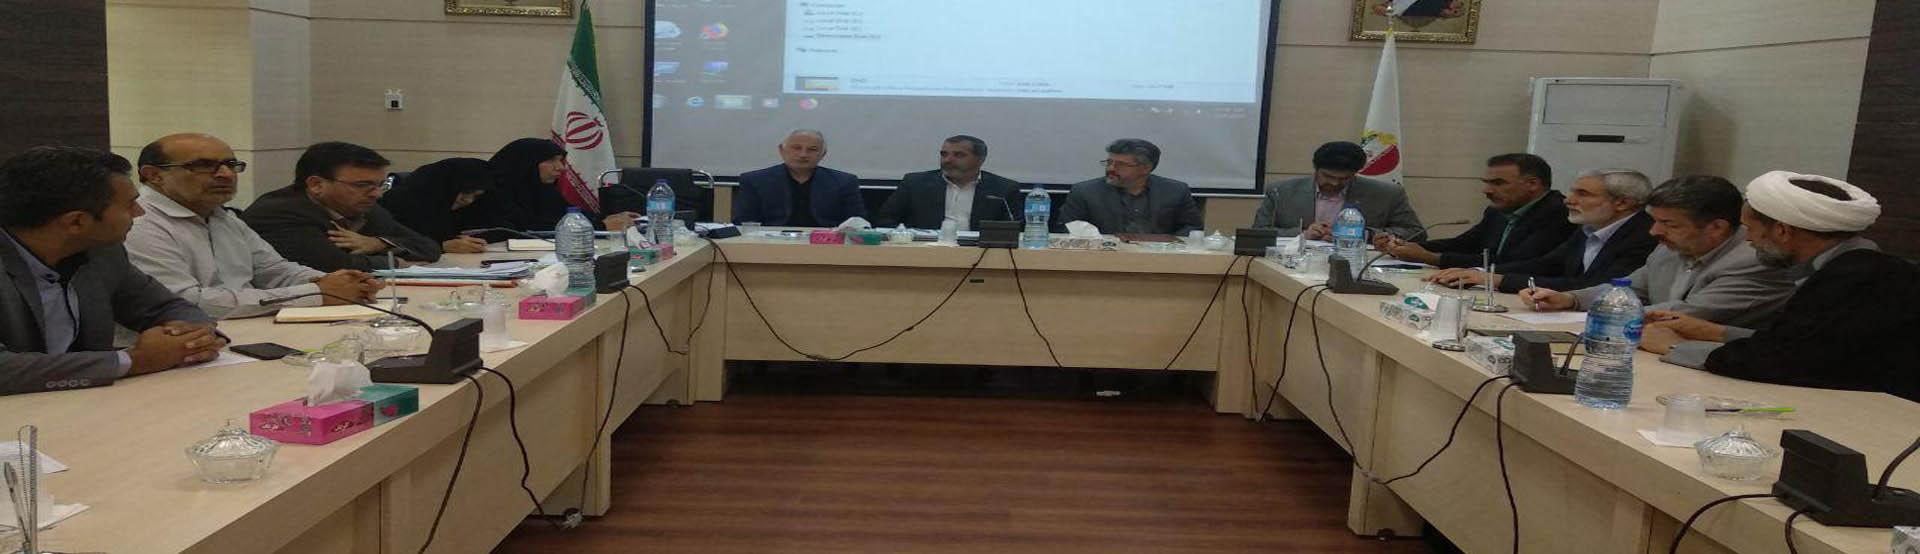 حضور رئیس پارک علم و فناوری استان در نشست علنی شورای اسلامی شهر بیرجند